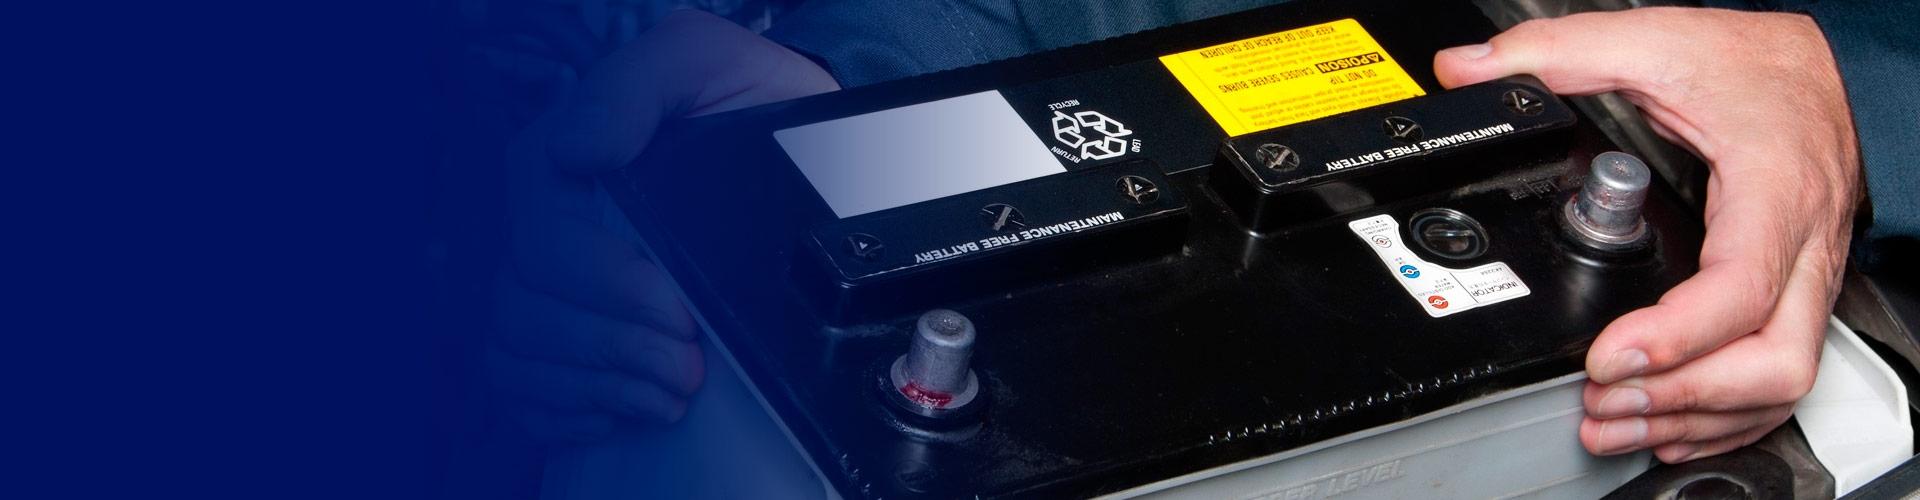 bateria-automotiva-40-amperes-mebaterias-banner1